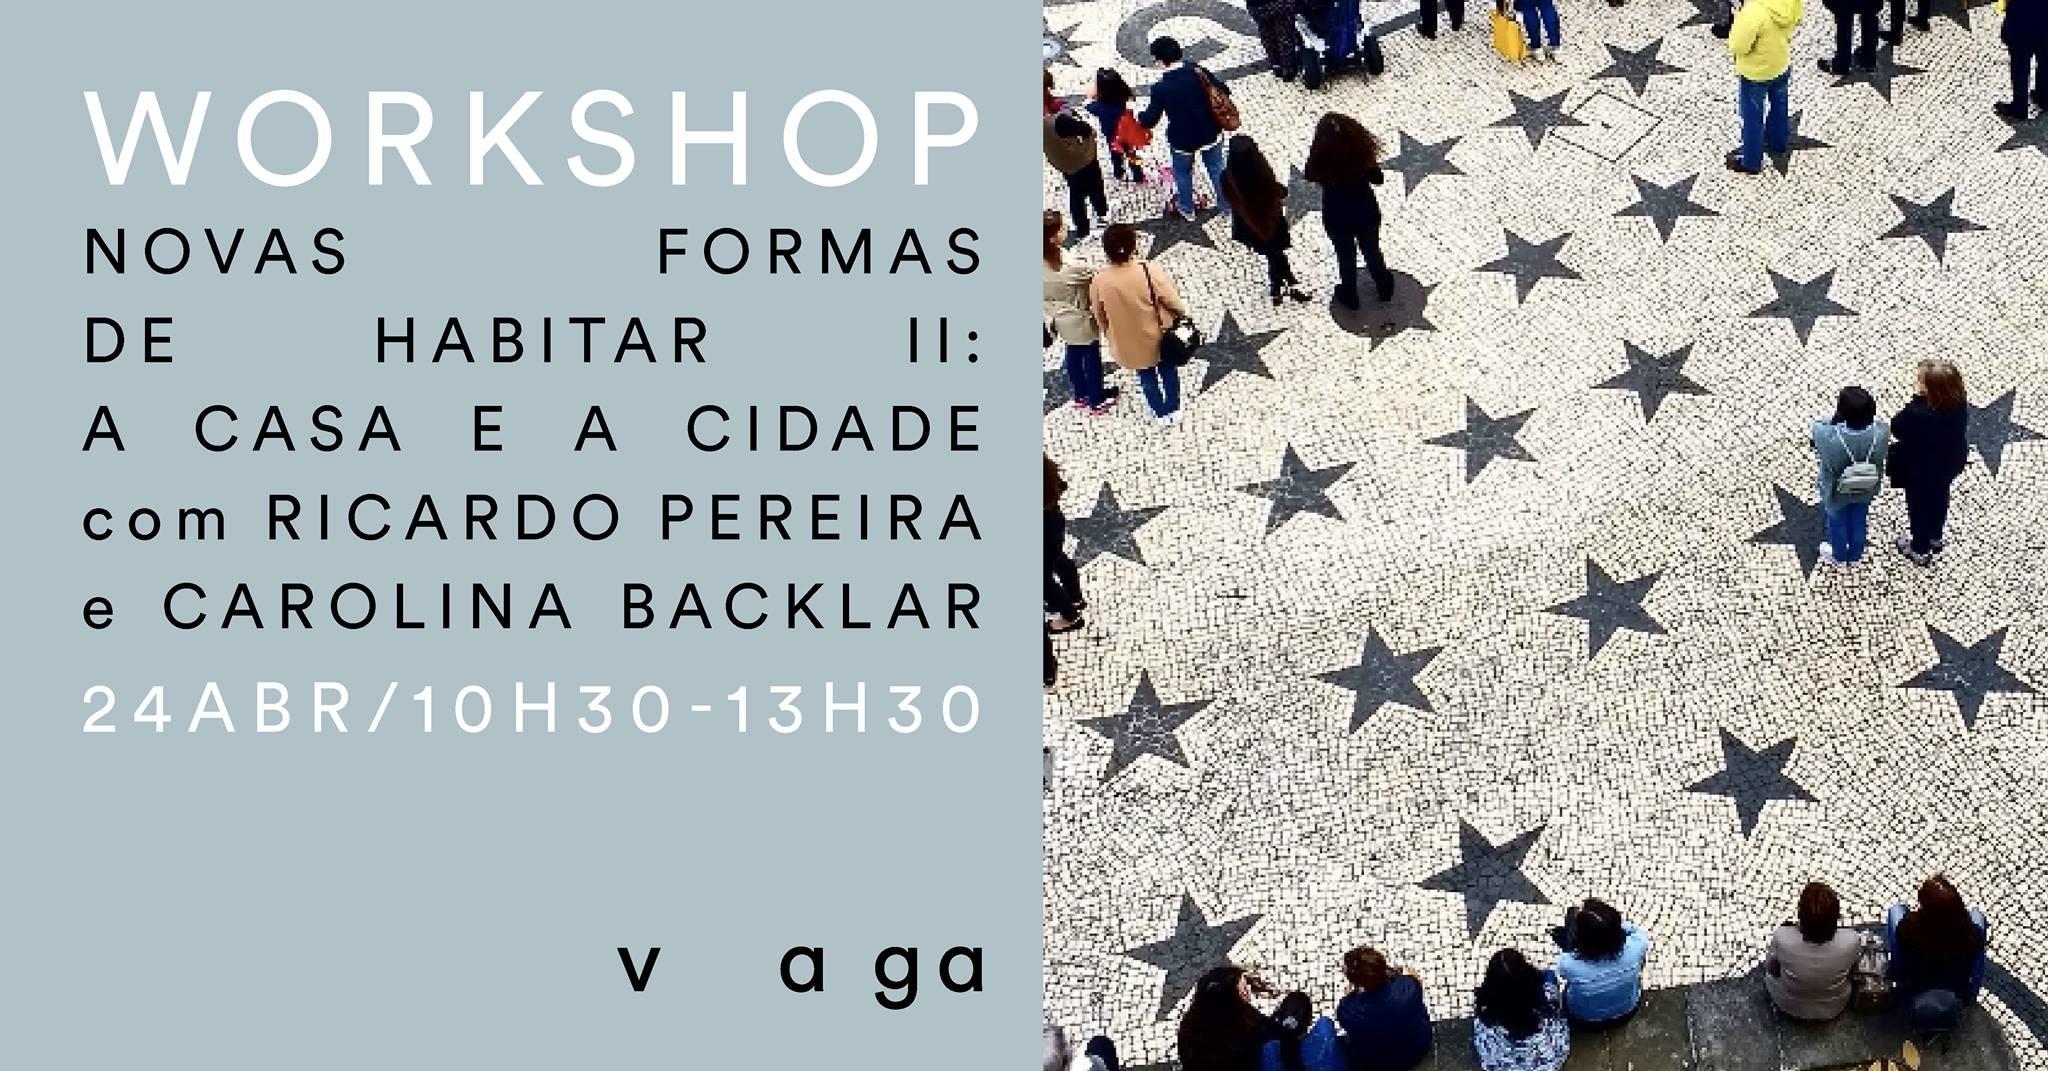 Workshop - Novas formas de habitar II: A casa e a cidade com Ricardo Pereira e Carolina Backlar